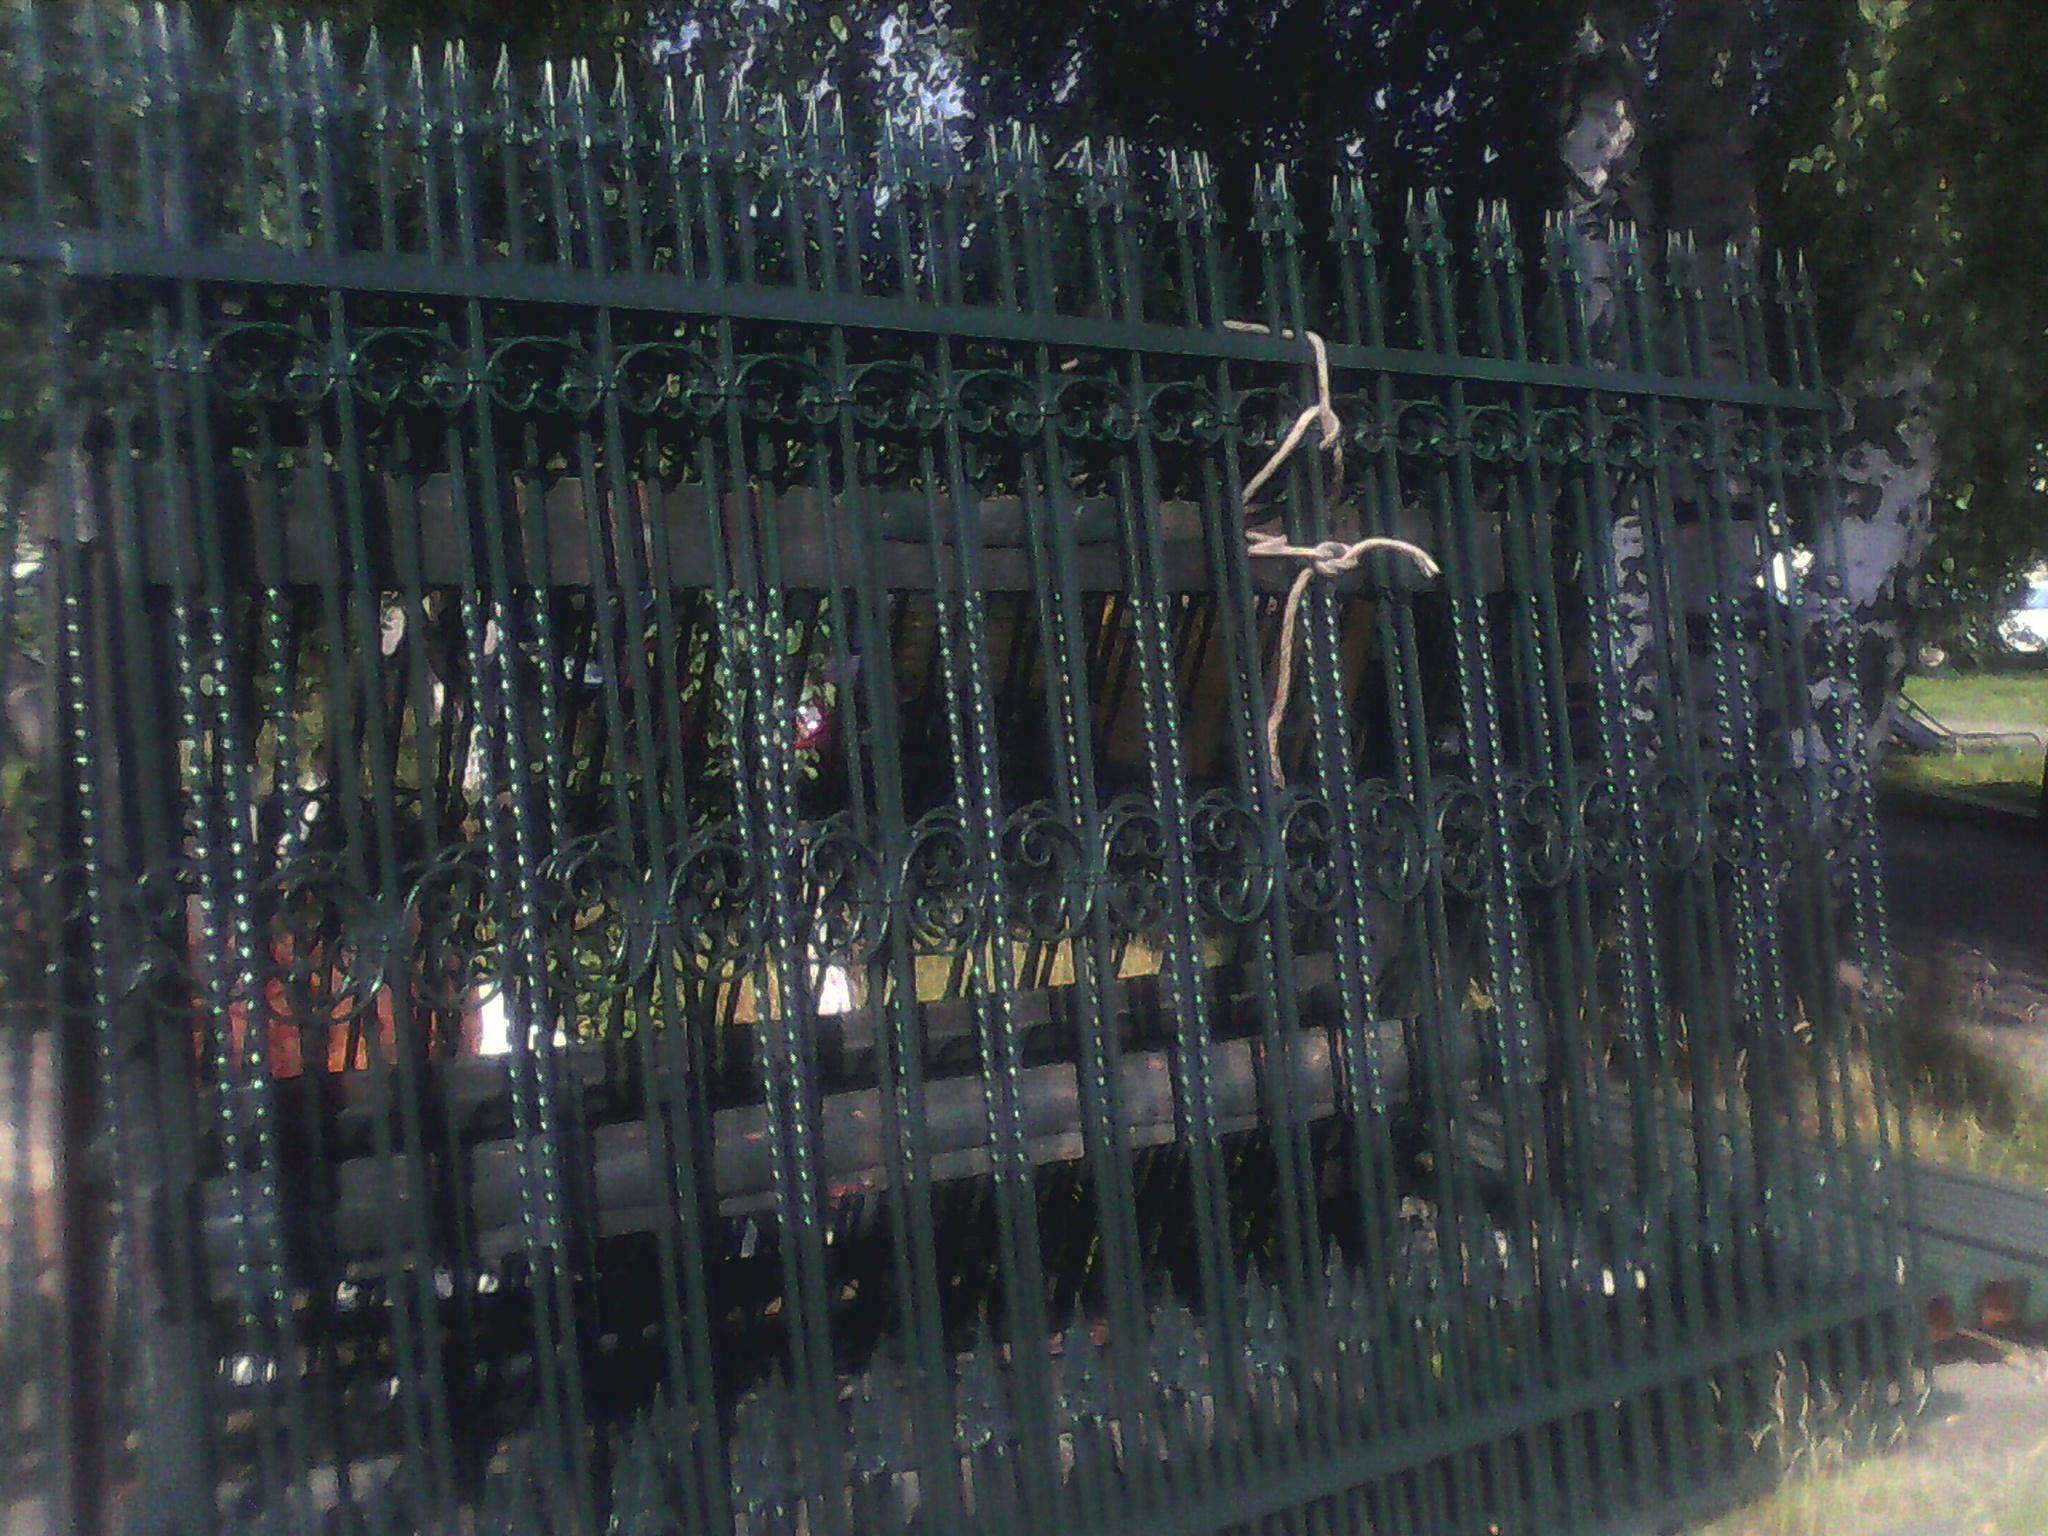 4) Забор кованый 7 пролетов